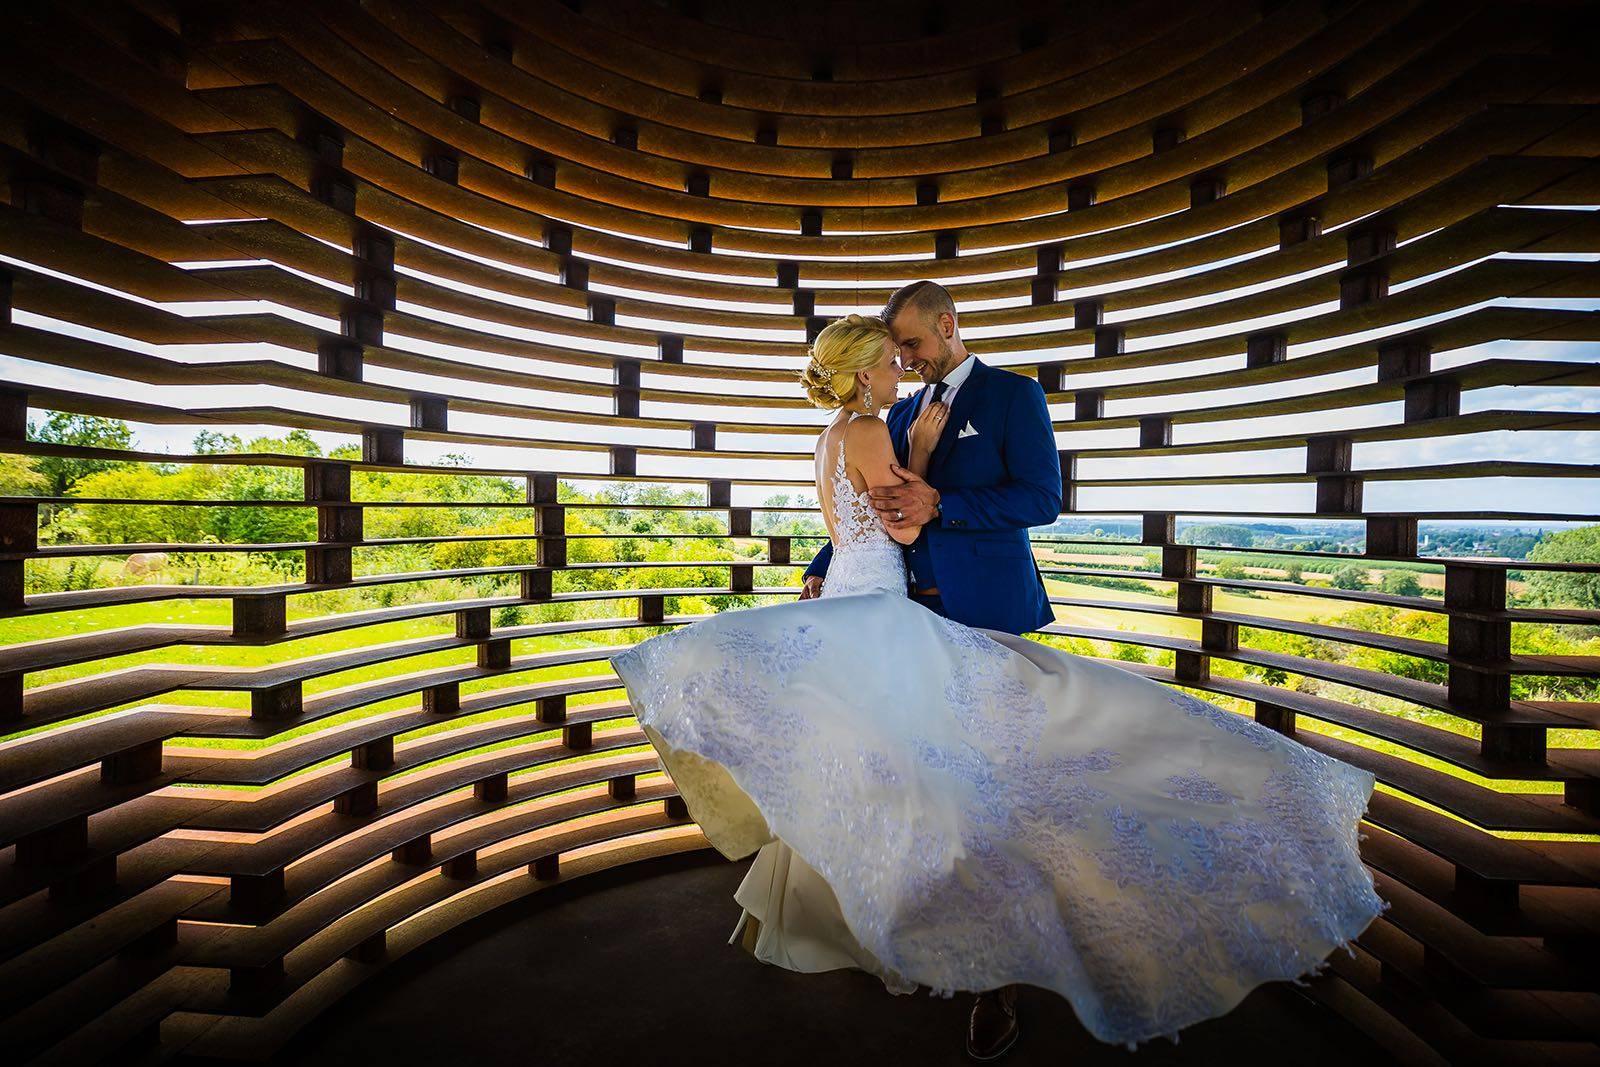 Wondermooi - Trouwfotograaf - Huwelijksfotograaf - Fotograaf - House of Weddings - 13